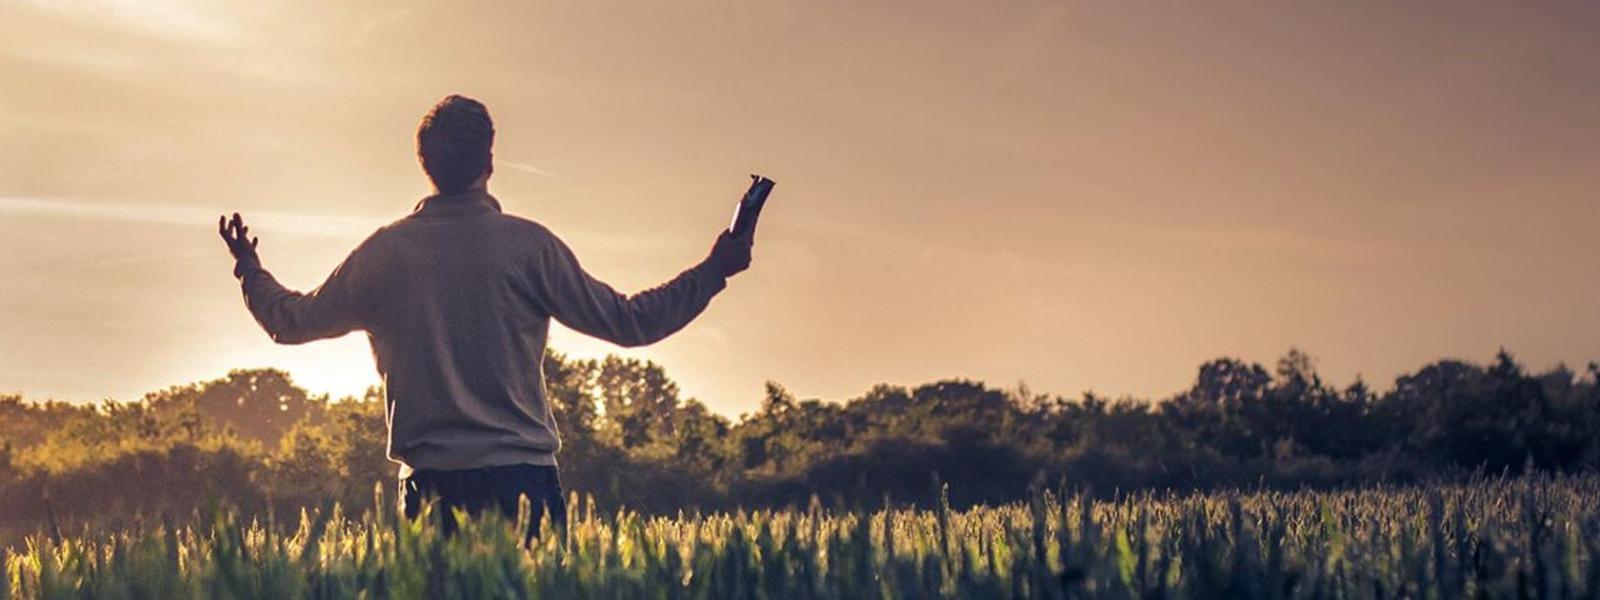 Lifestyle: The Power of Praise & Worship